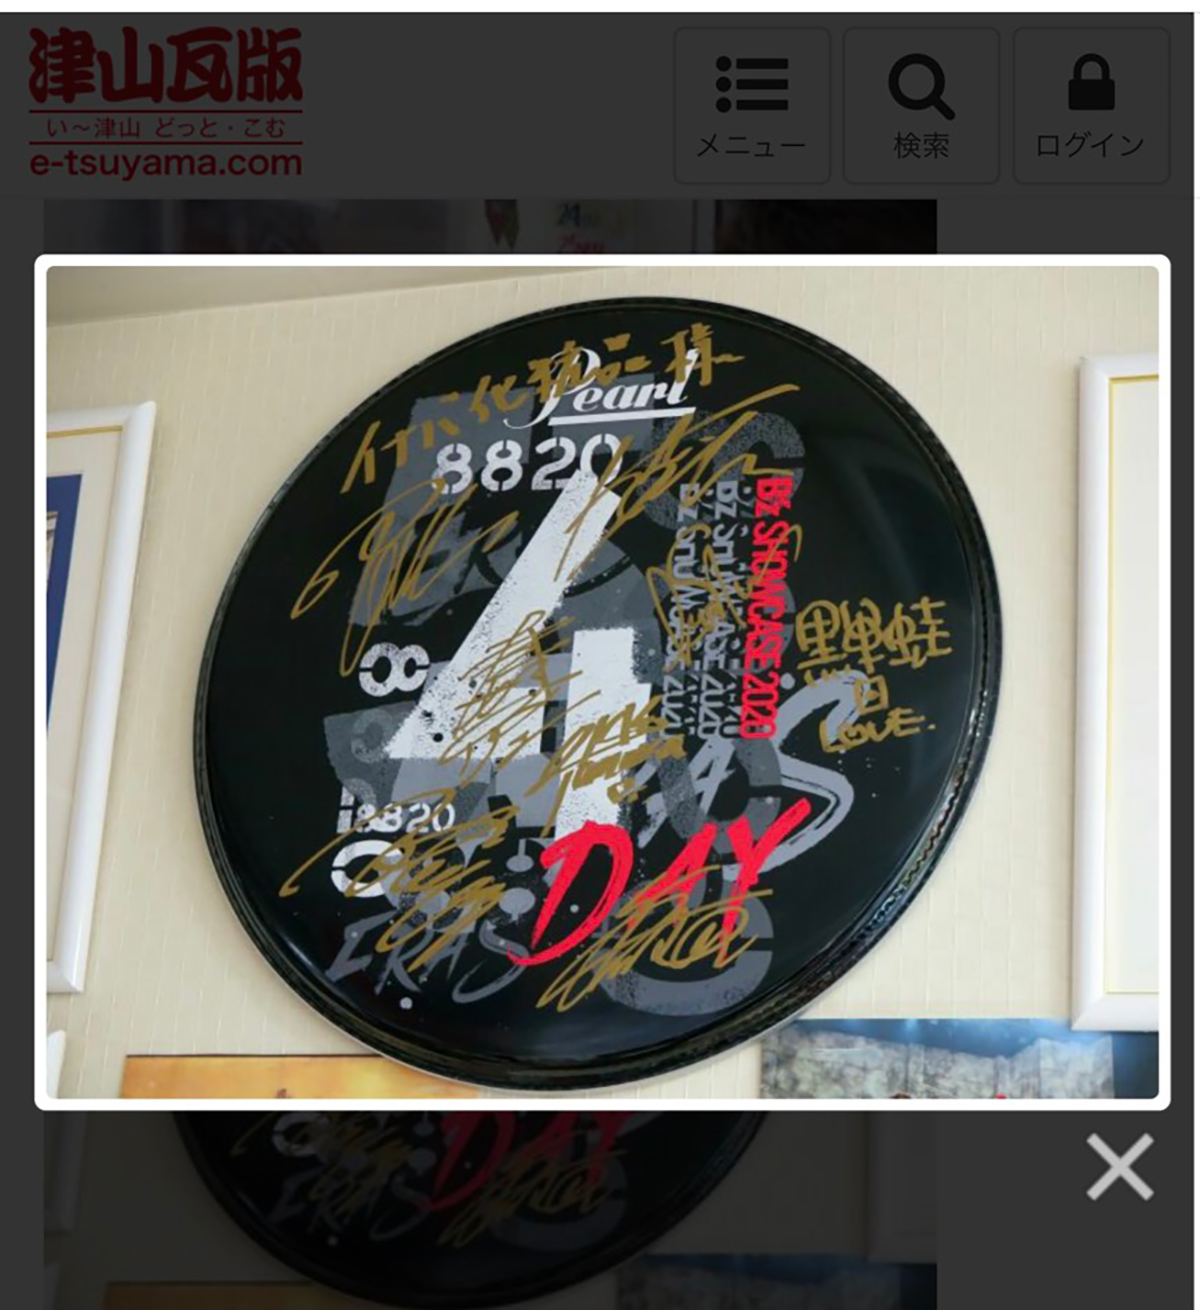 B'zのバンドメンバーのサインが入った配信ライブ「Day4」のドラムヘッドの写真